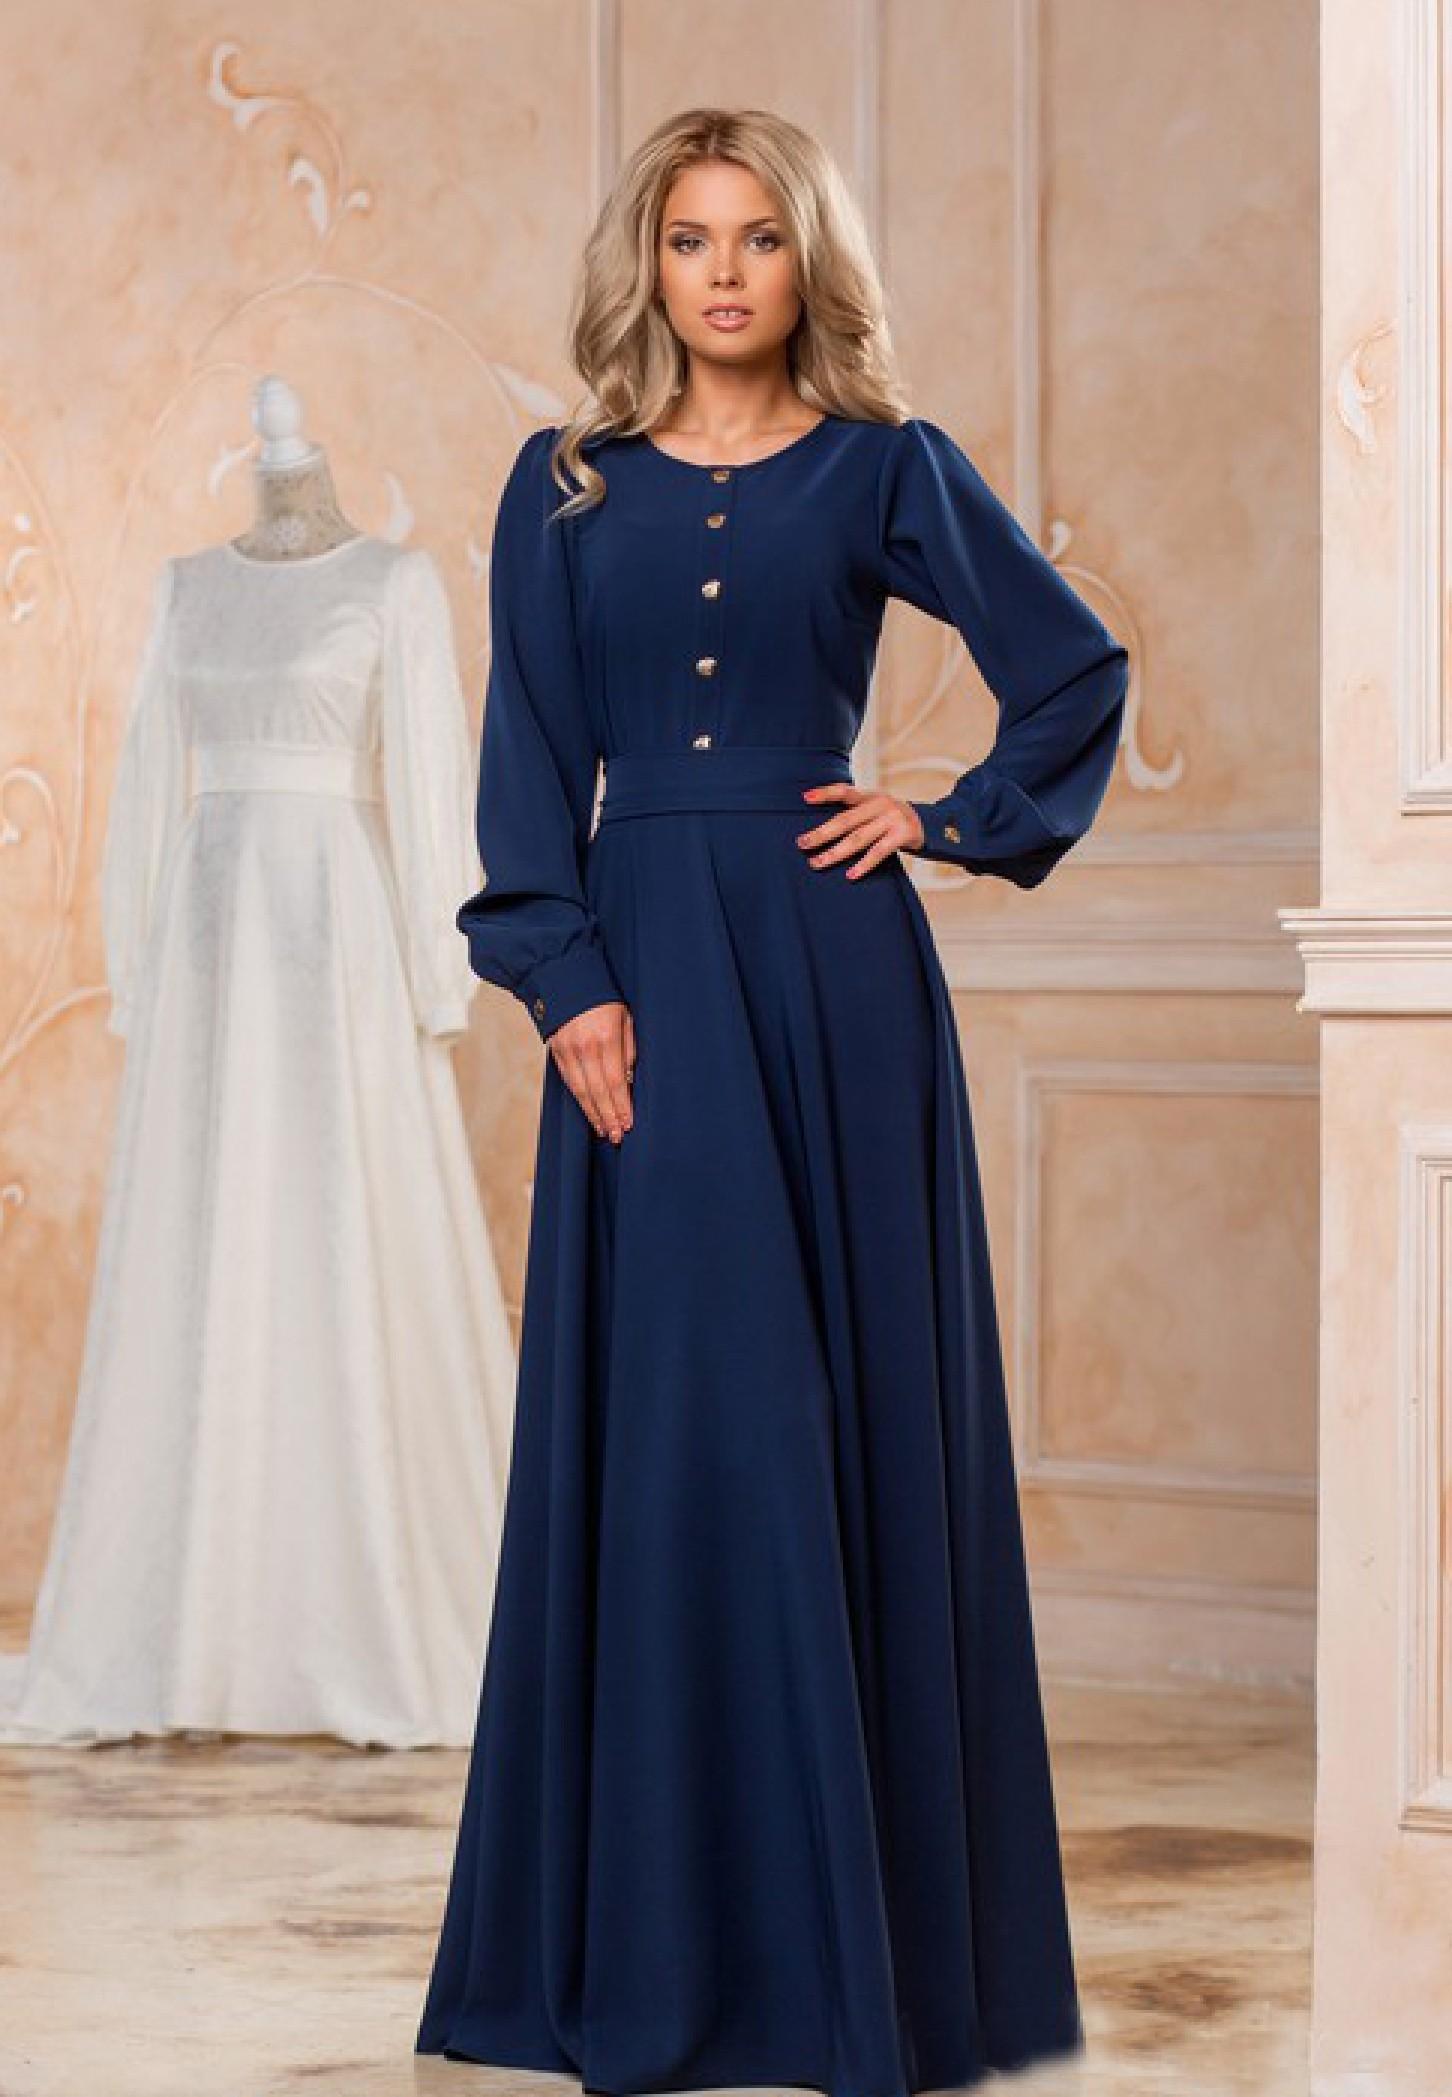 4a441b417d6 ... Зимнее платье макси из плотной костюмной ткани